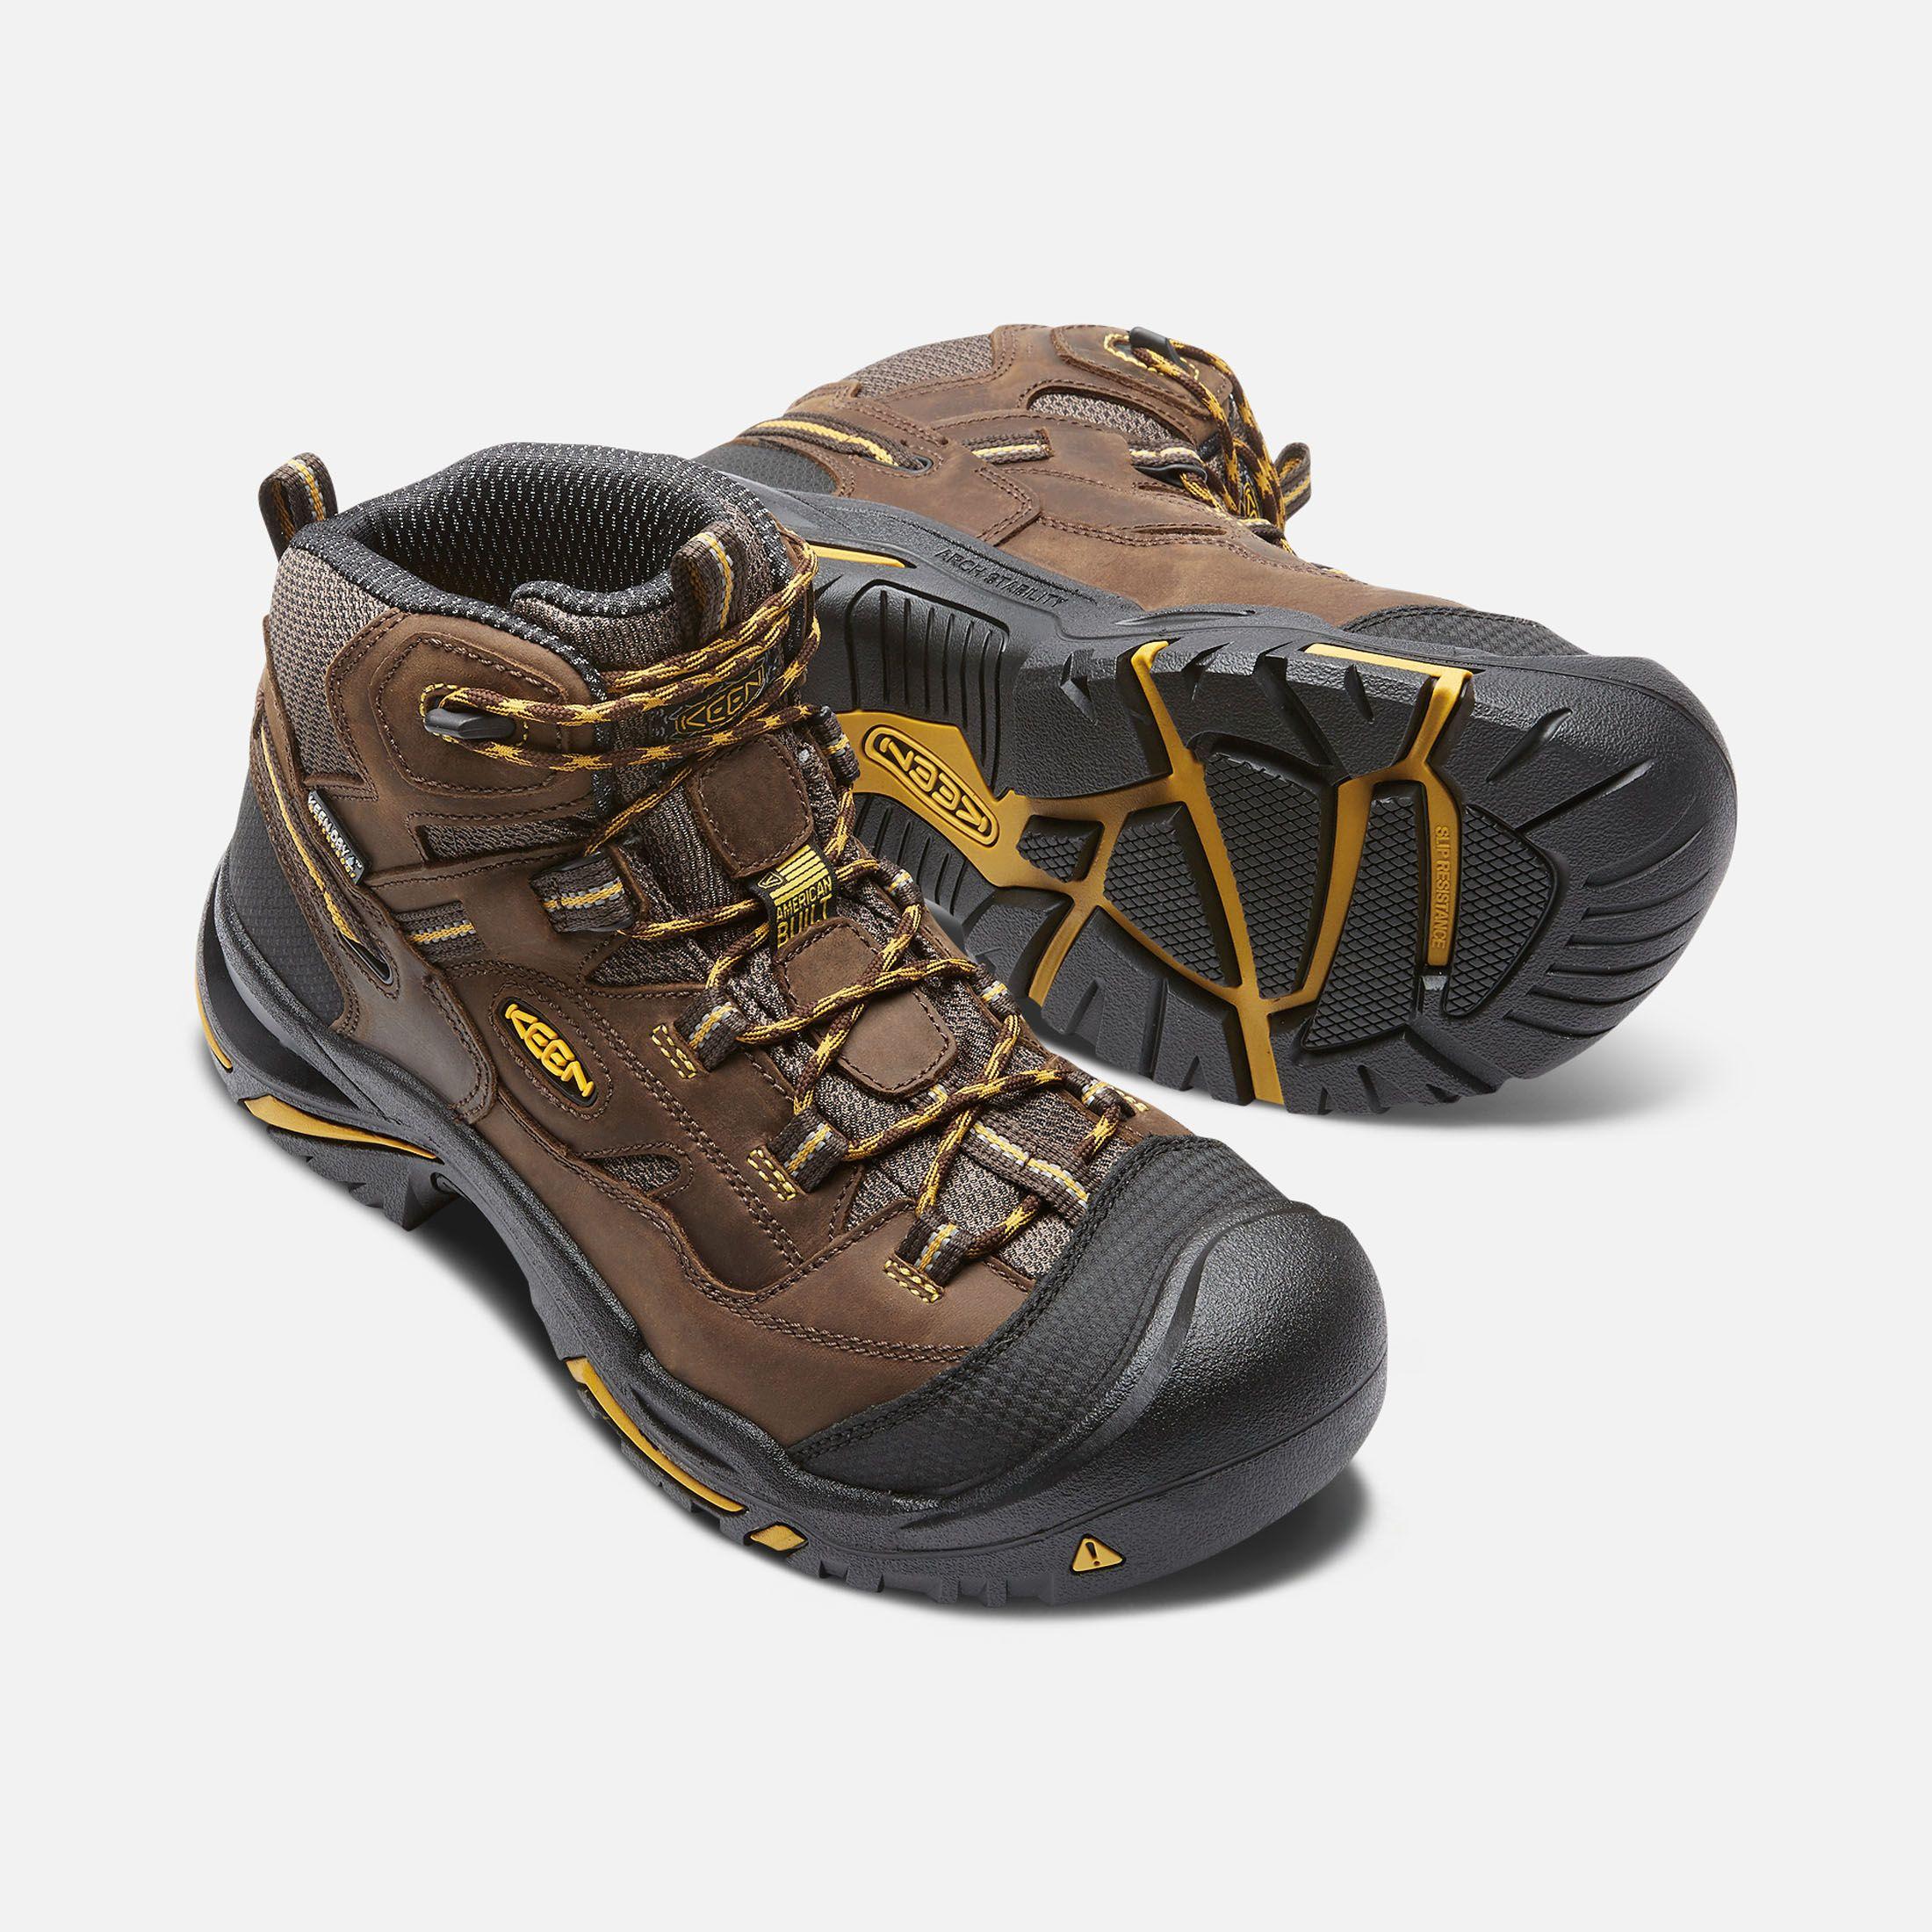 Keen Men S Waterproof Steel Toe Boots Braddock Mid 7 Wide